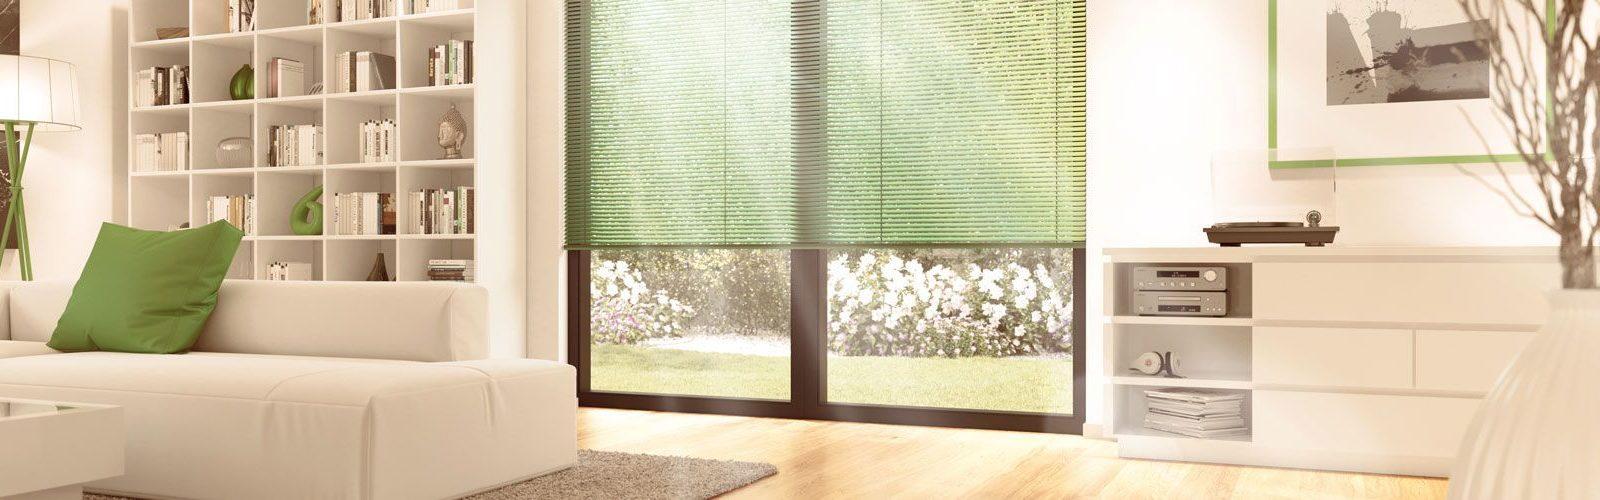 Sonnenschutz | SAGA Raumausstattung ist seit 50 Jahren Spezialist für Gardinen, Bodenbelag, Sonnenschutz, Sonnensegel, Markisen, Pergola, Rolladen, Insektenschutz, Renovierung und Wasserschaden in Aschaffenburg